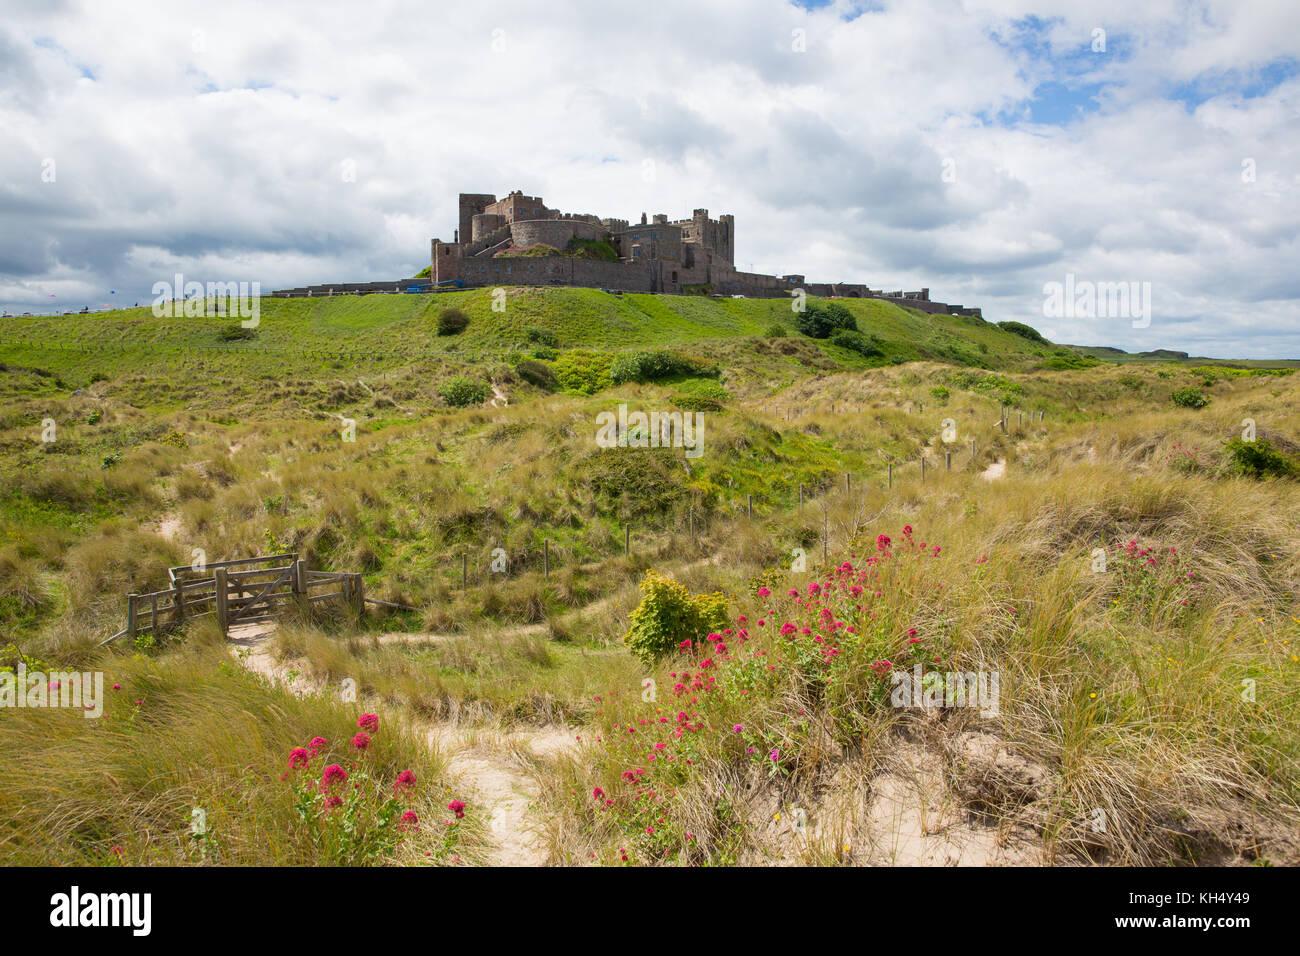 Il castello di Bamburgh Northumberland North East England Regno Unito a fiori di colore rosso in primo piano Immagini Stock